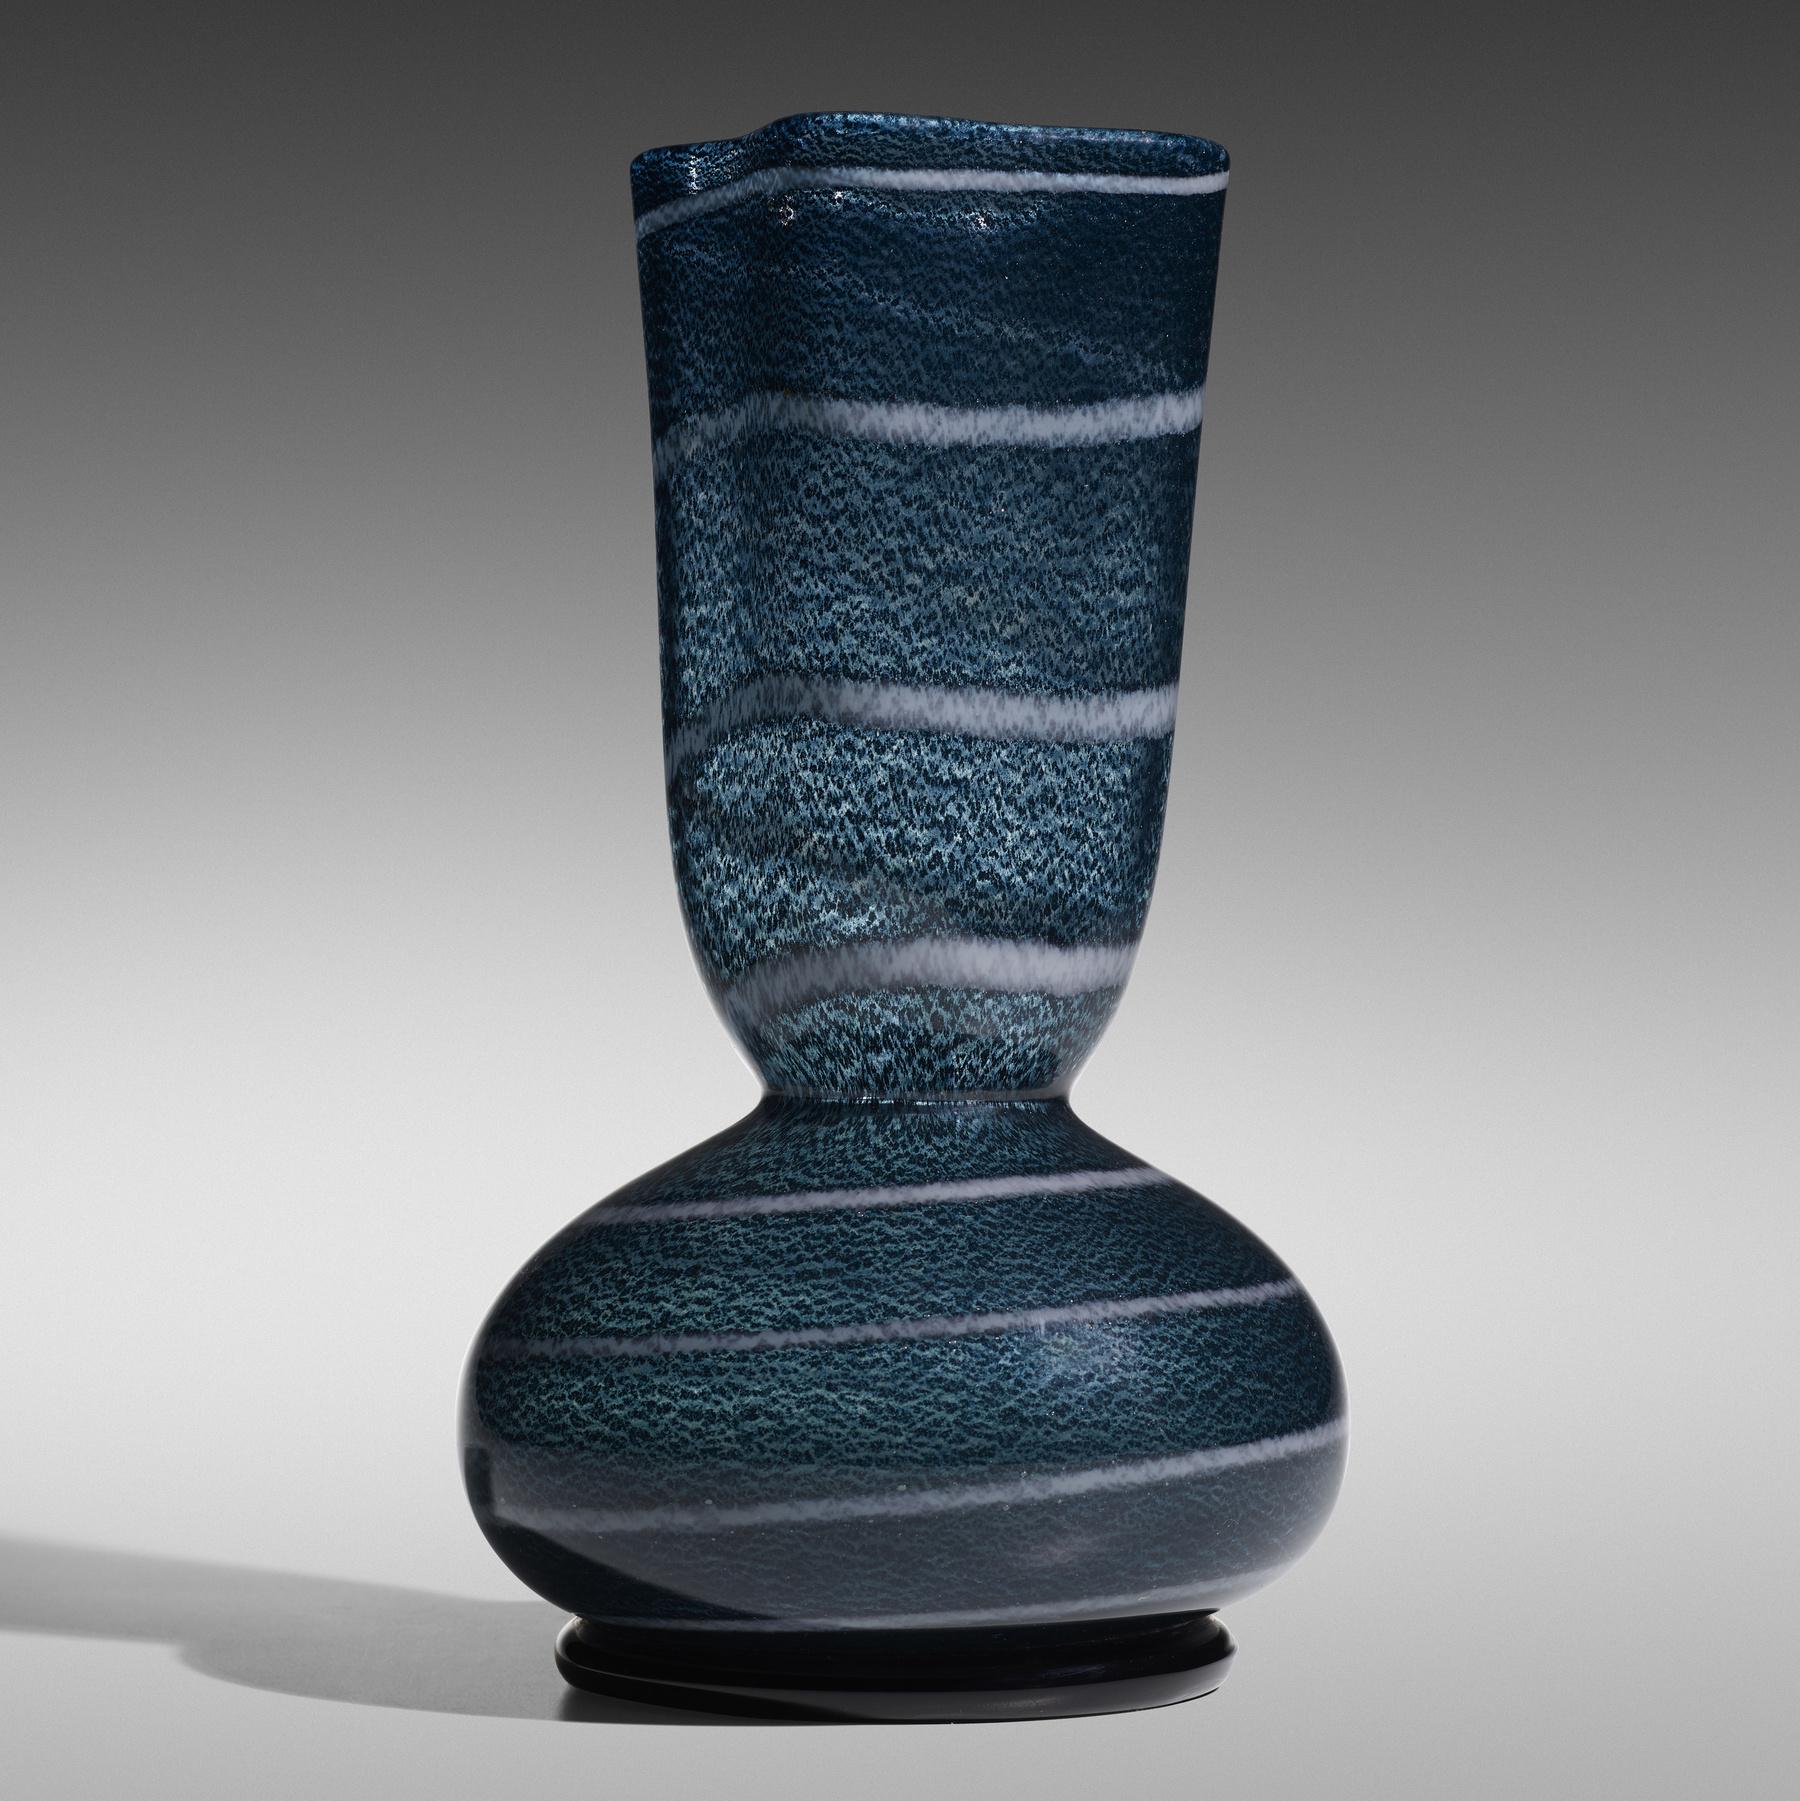 166 1 Important Italian Glass April 2020 Ercole Barovier Vaso Unico Con Spirale Wright Auction